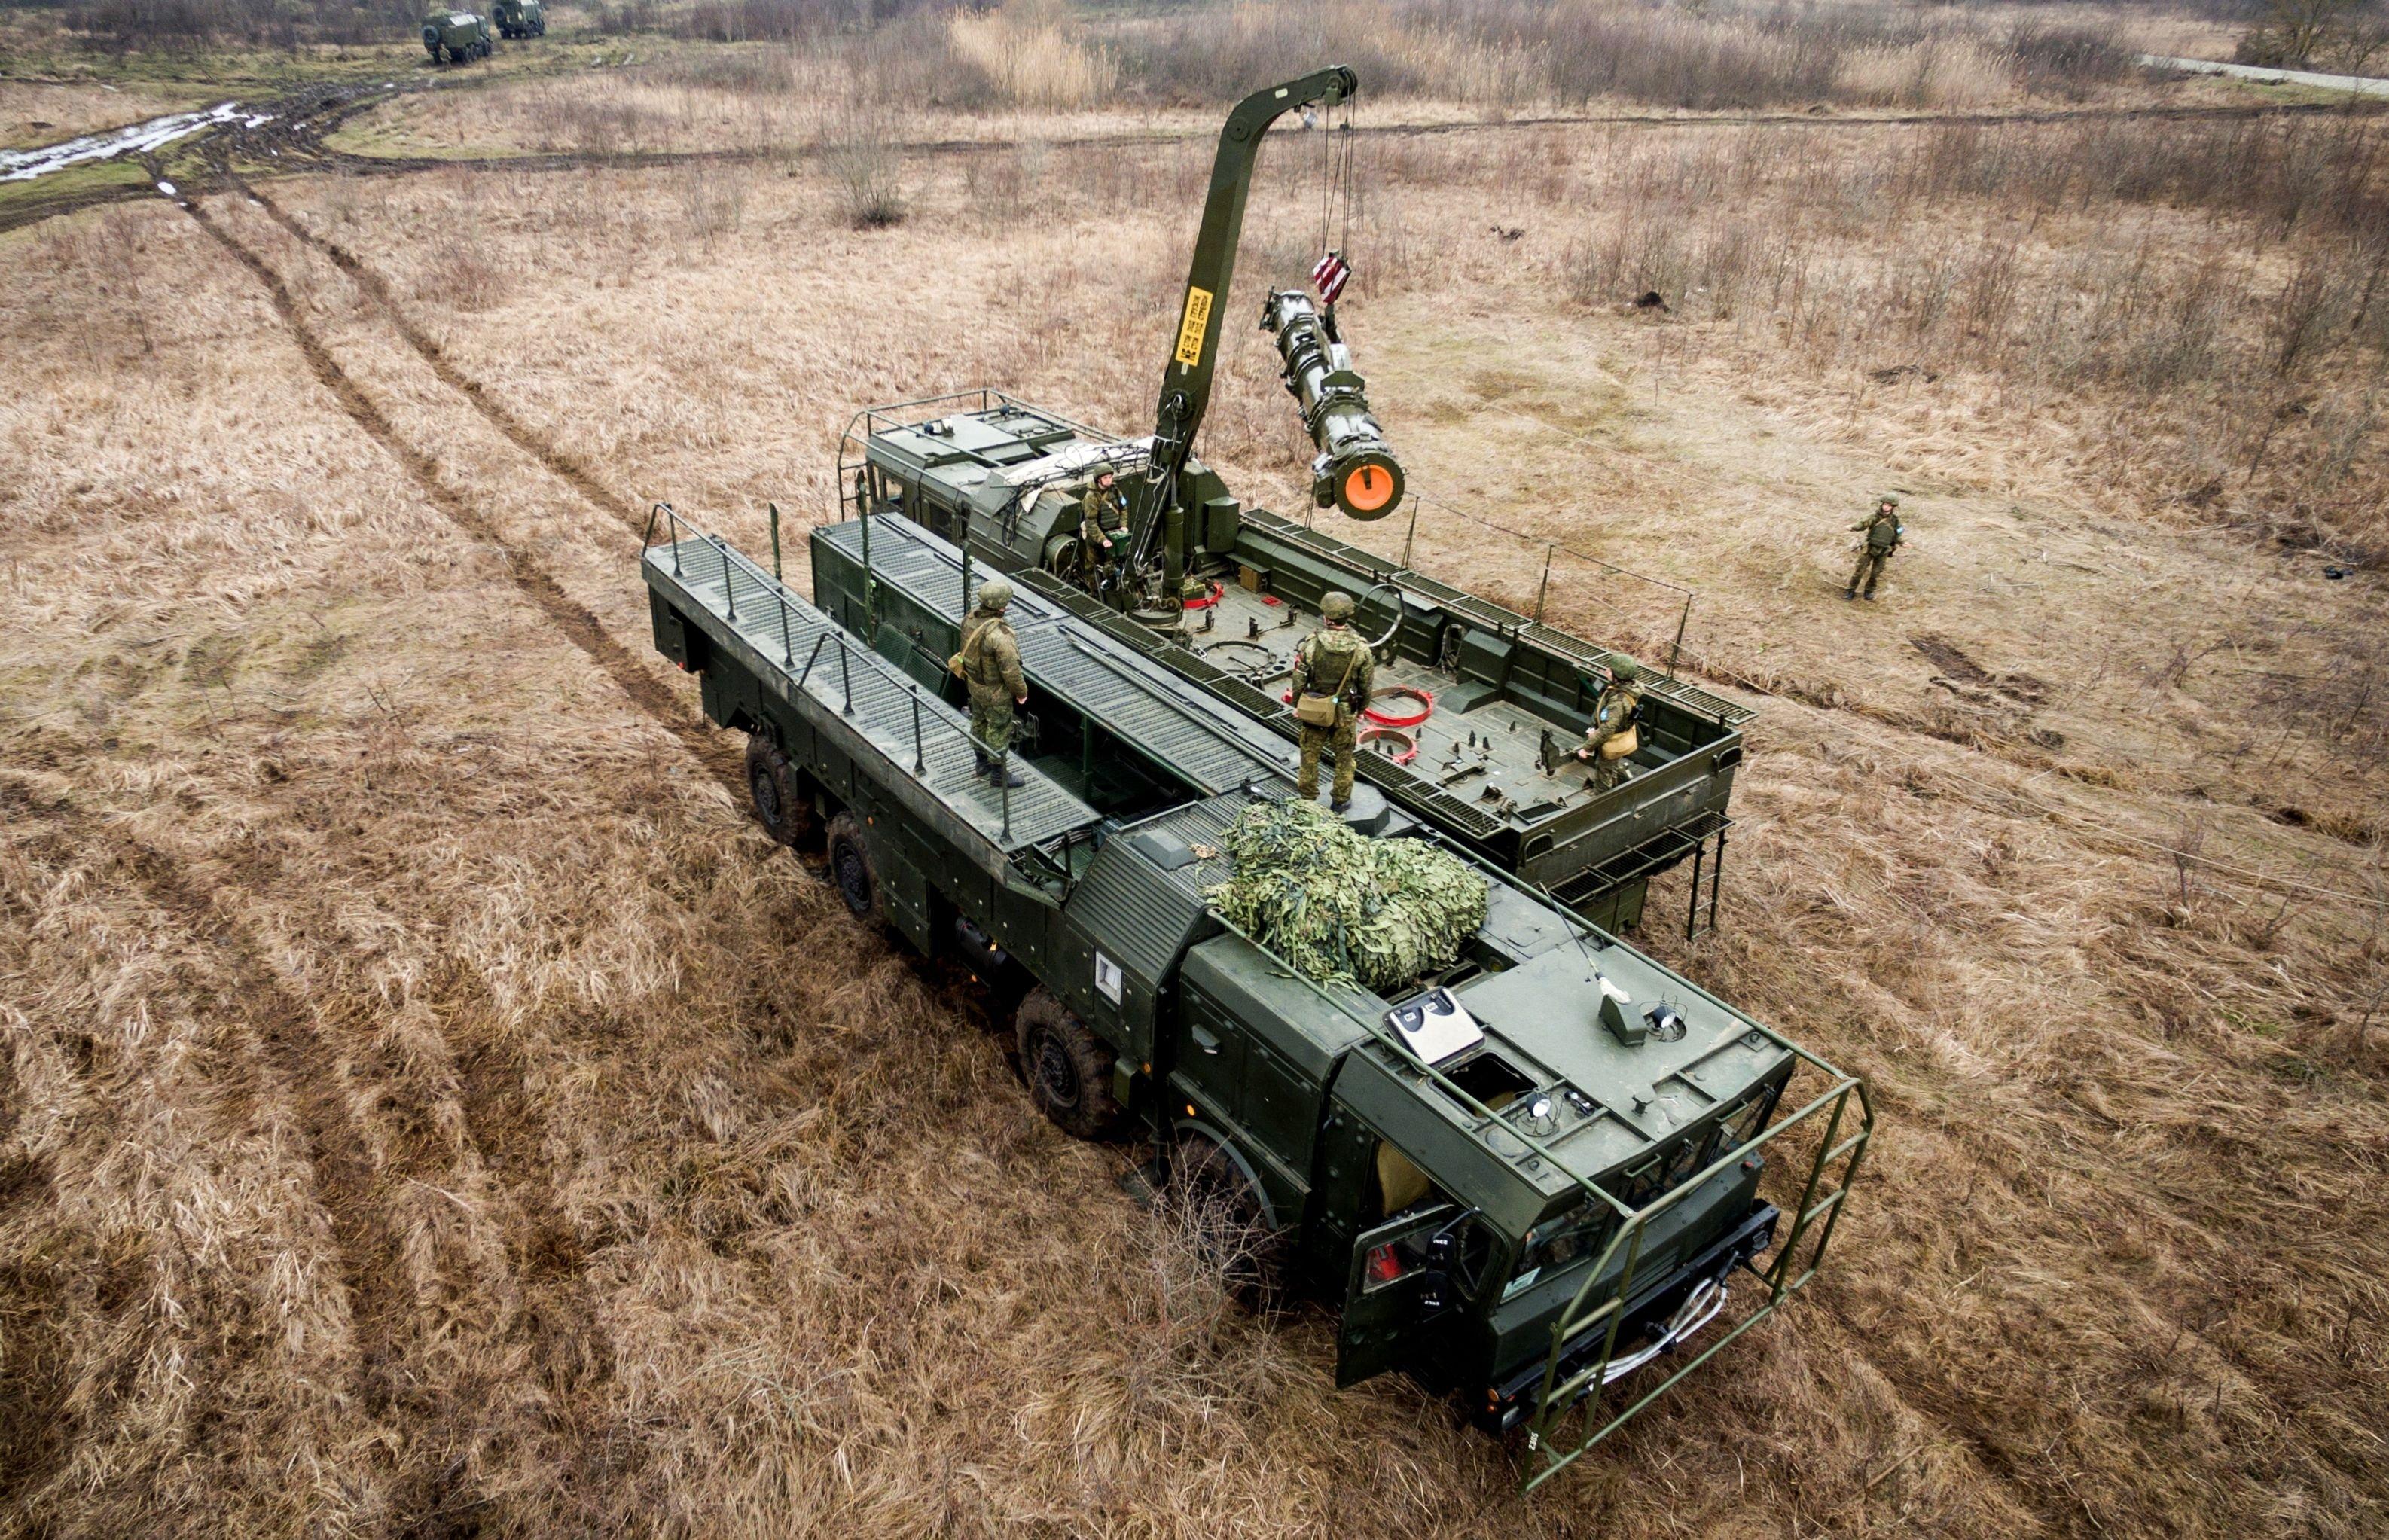 پنچ سلاح برتر سرنوشت ساز روسیه را بشناسید